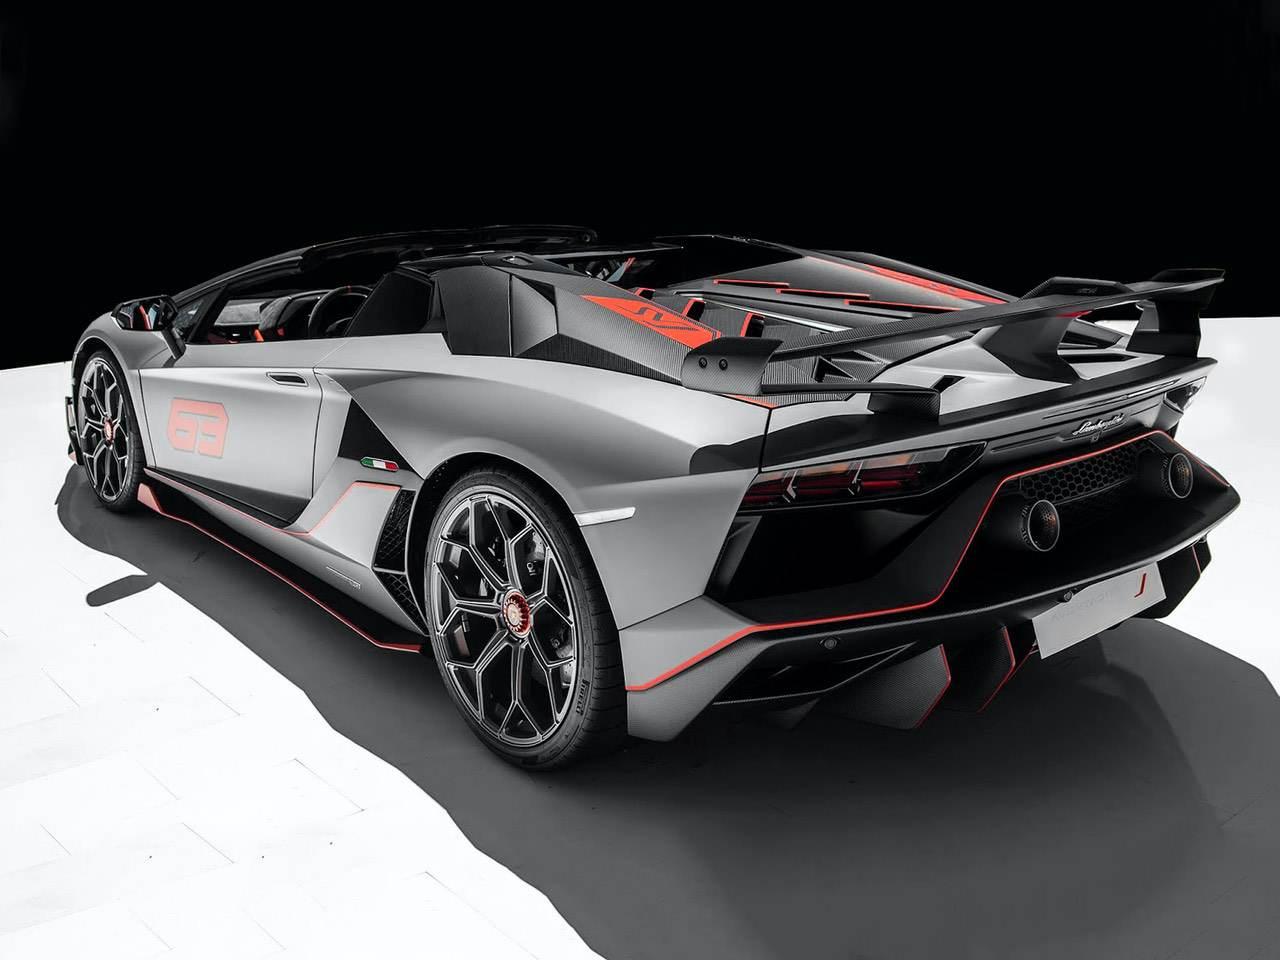 Lamborghini-Aventador-SVJ-Roadster-63-Edition-2